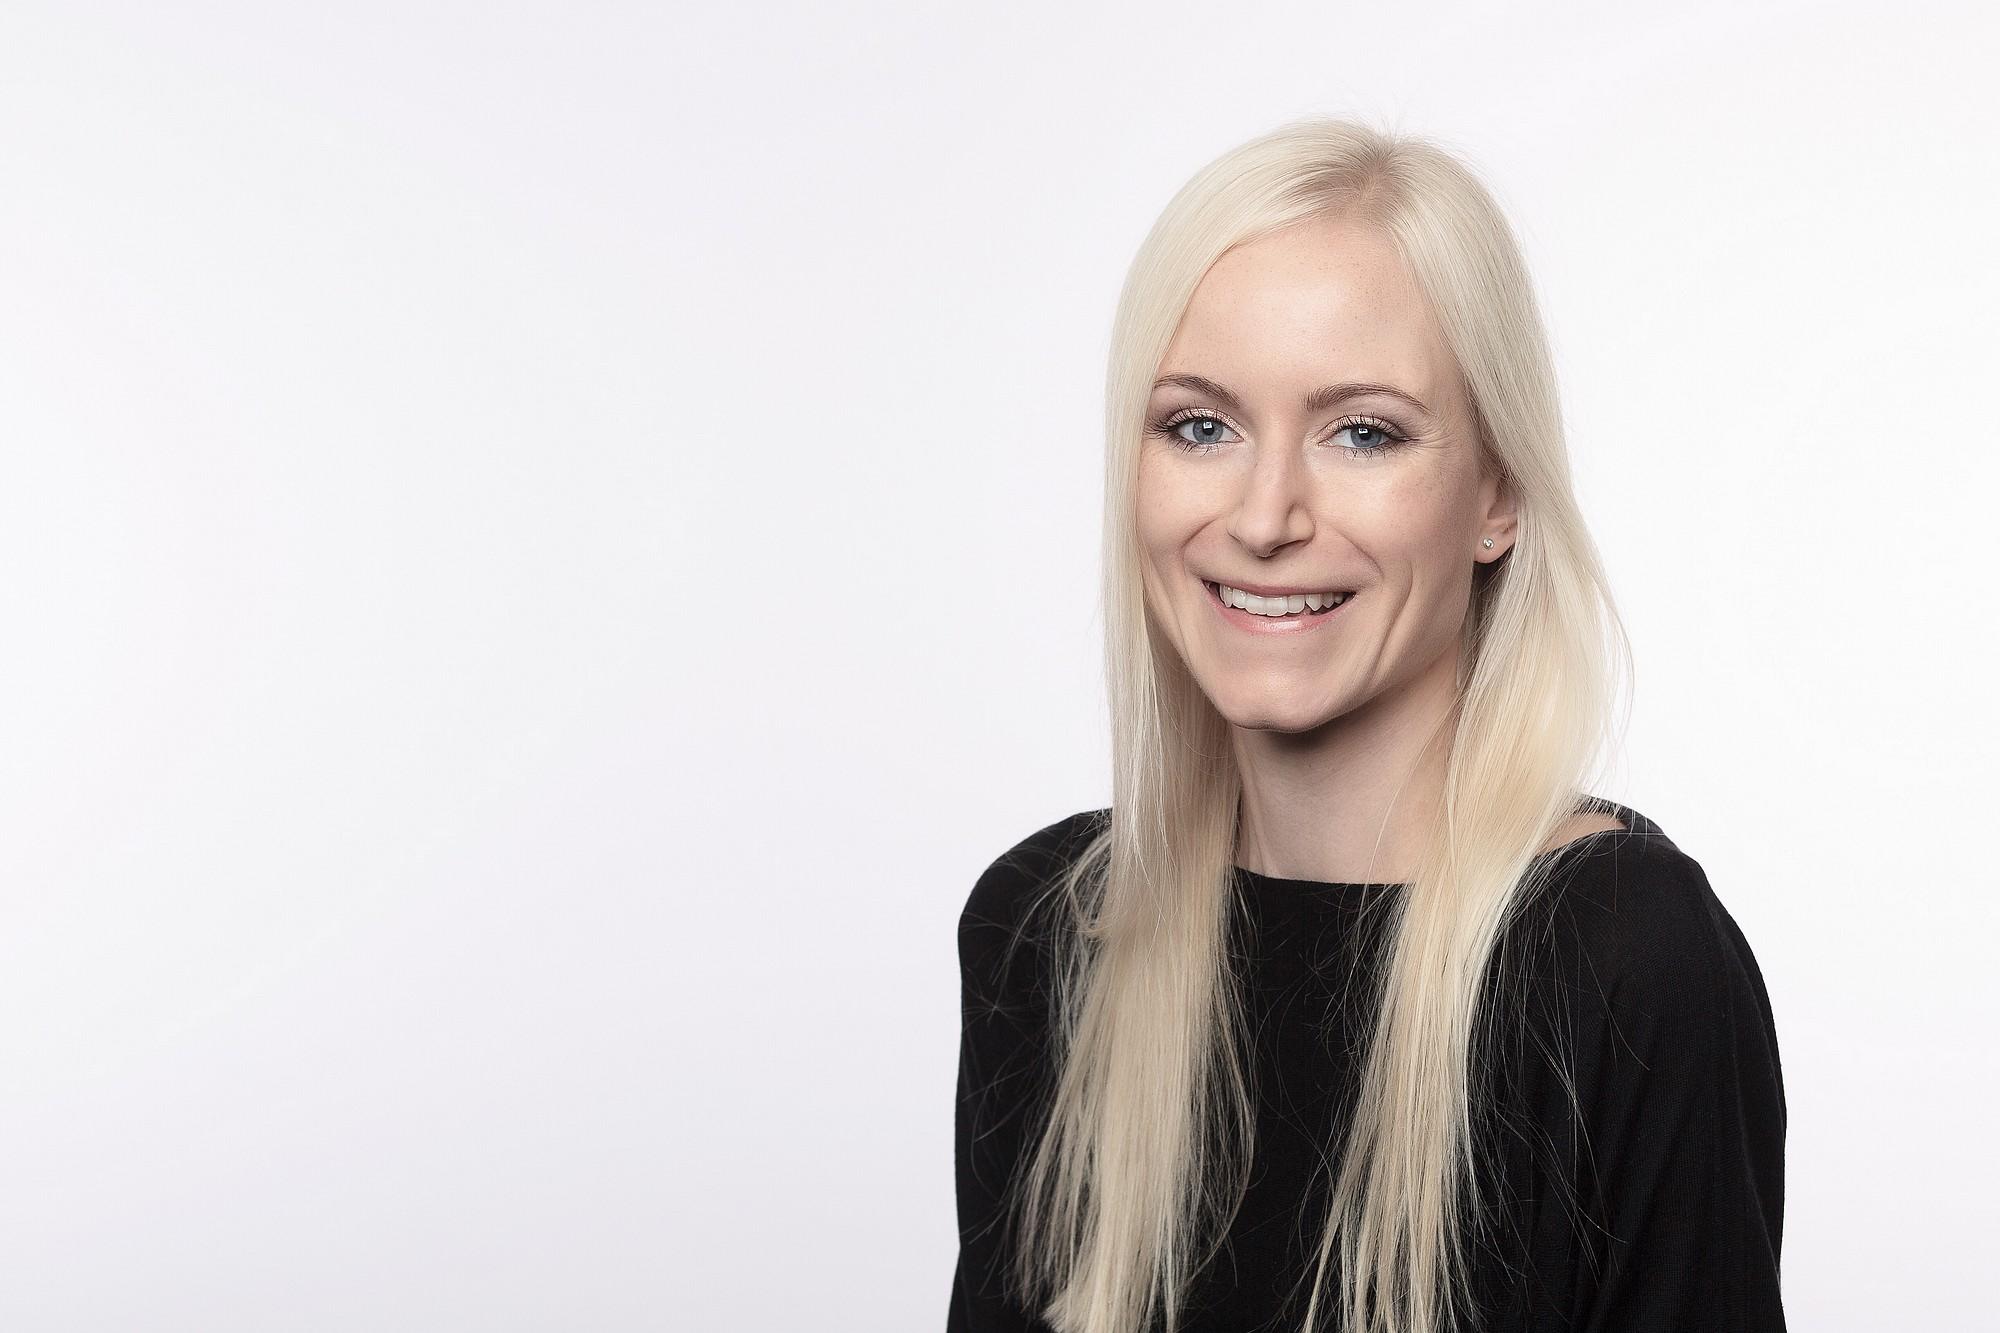 Antonia Gehr übernimmt den Bereich Marketing und Sales bei Gehr